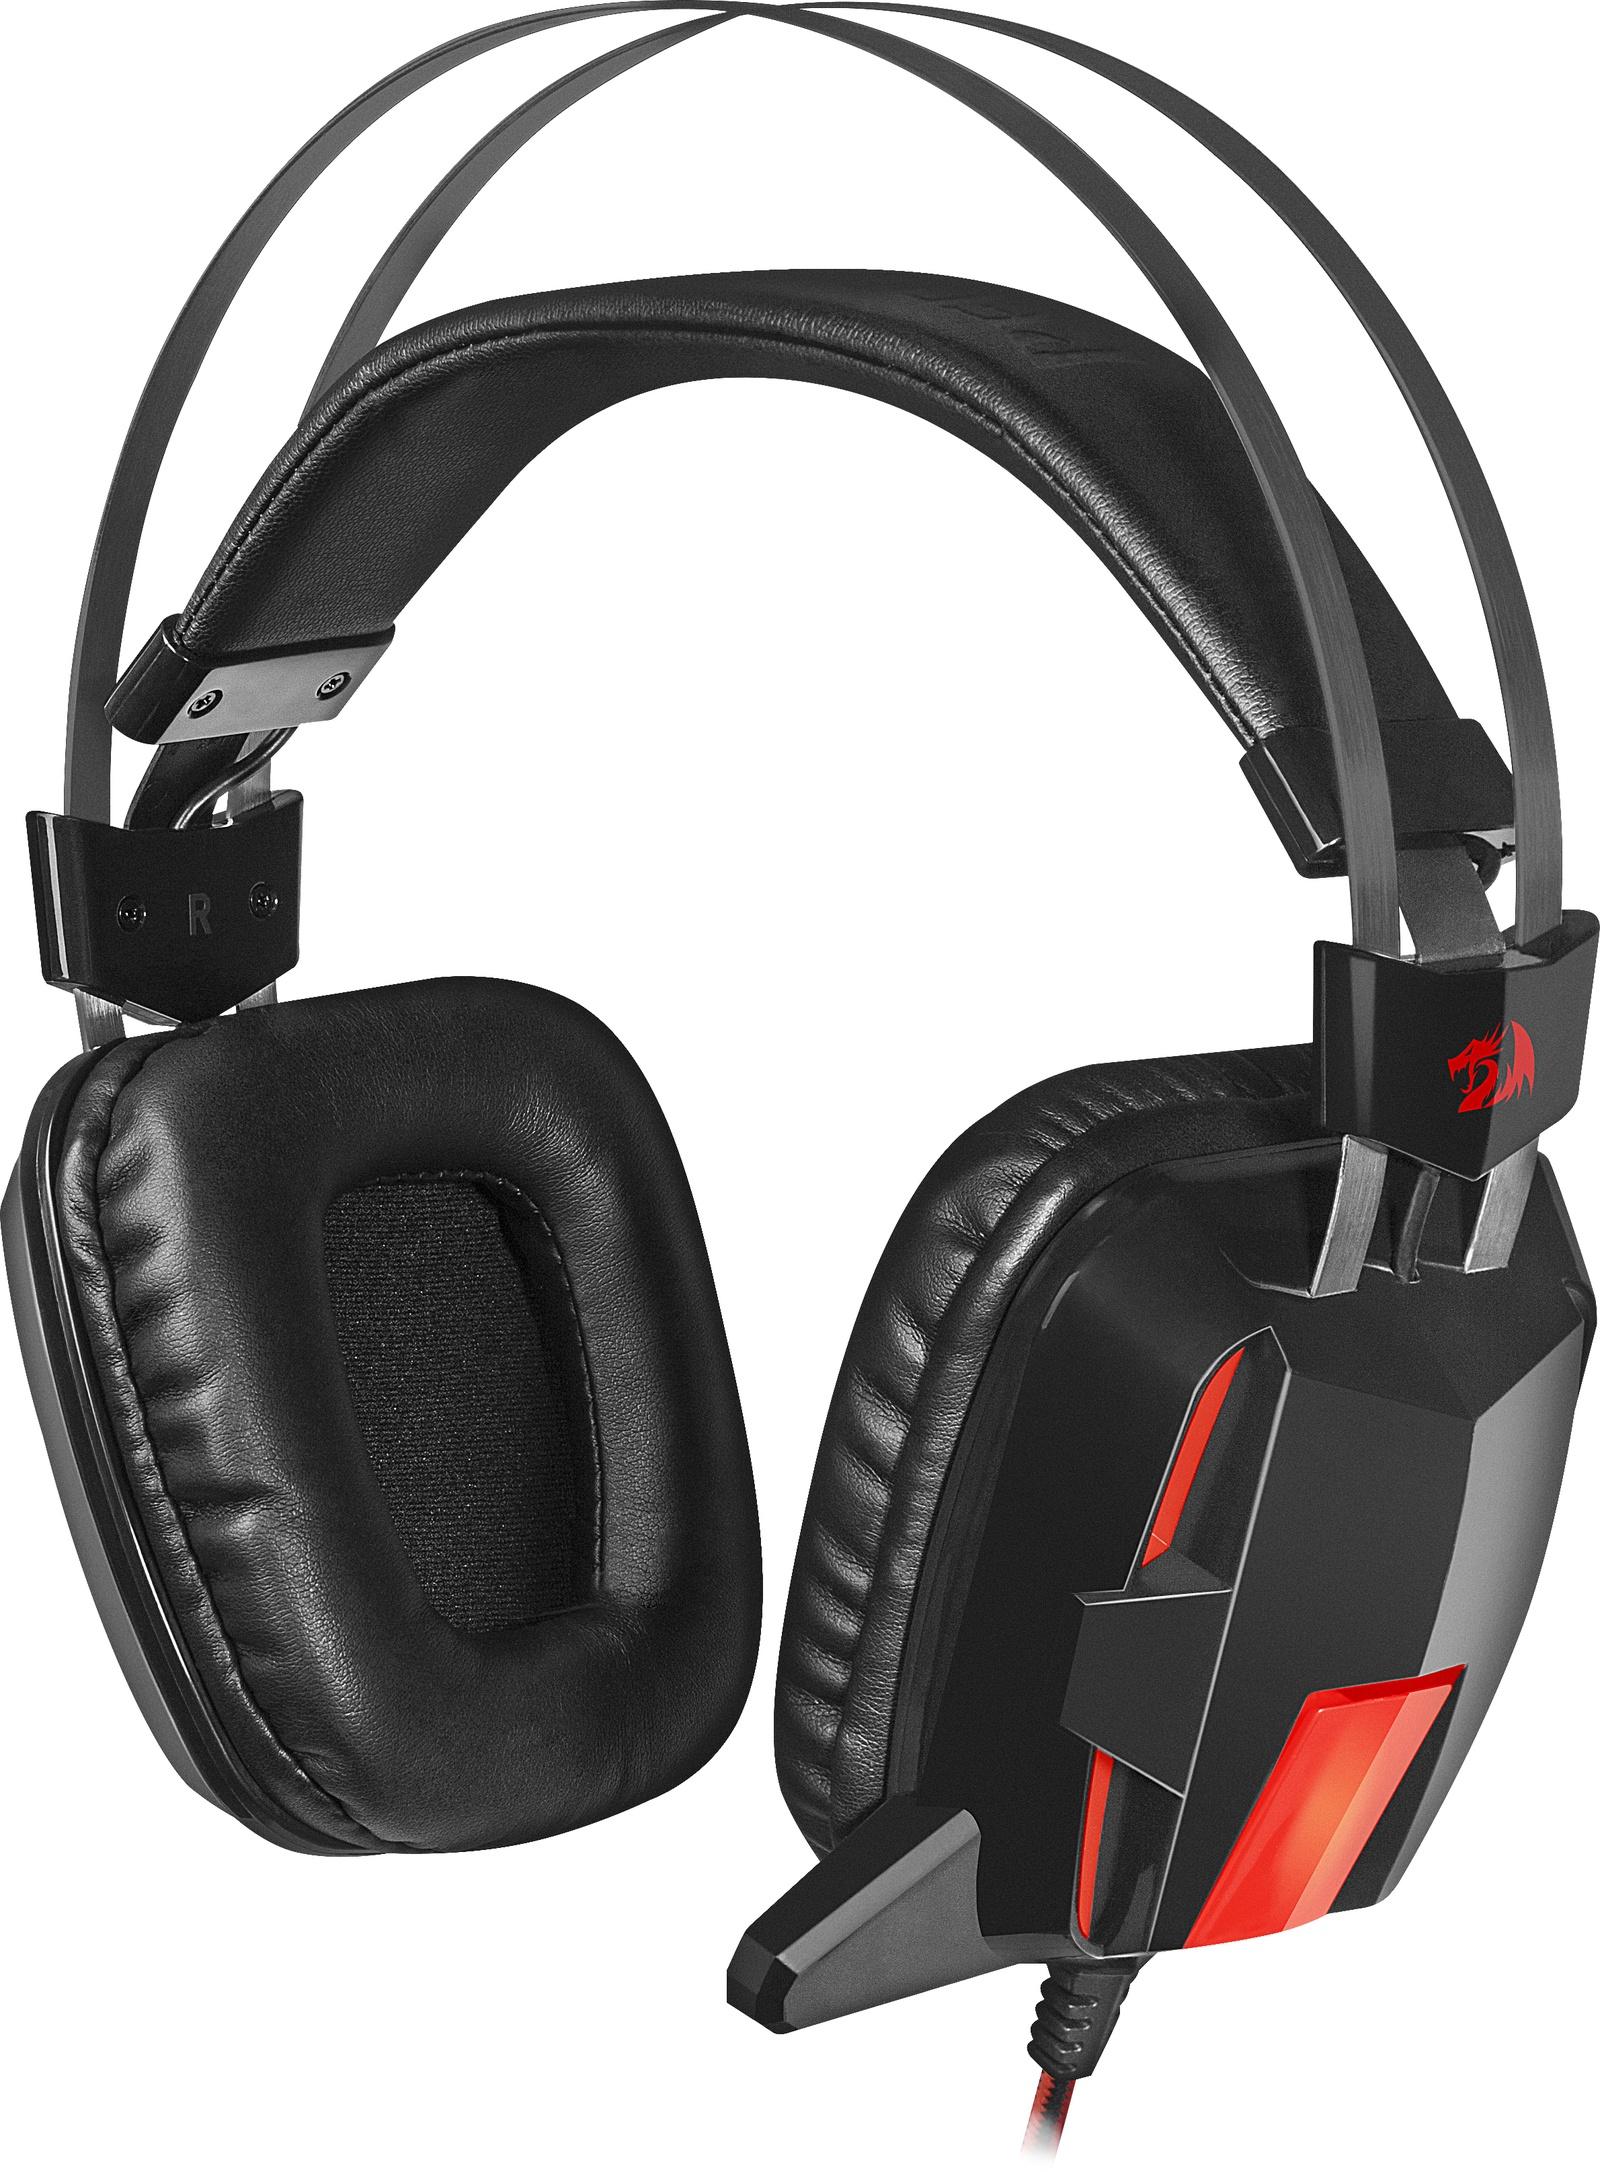 Игровые наушники Redragon Lagopasmutus 2 красный + черный, кабель м, 75165